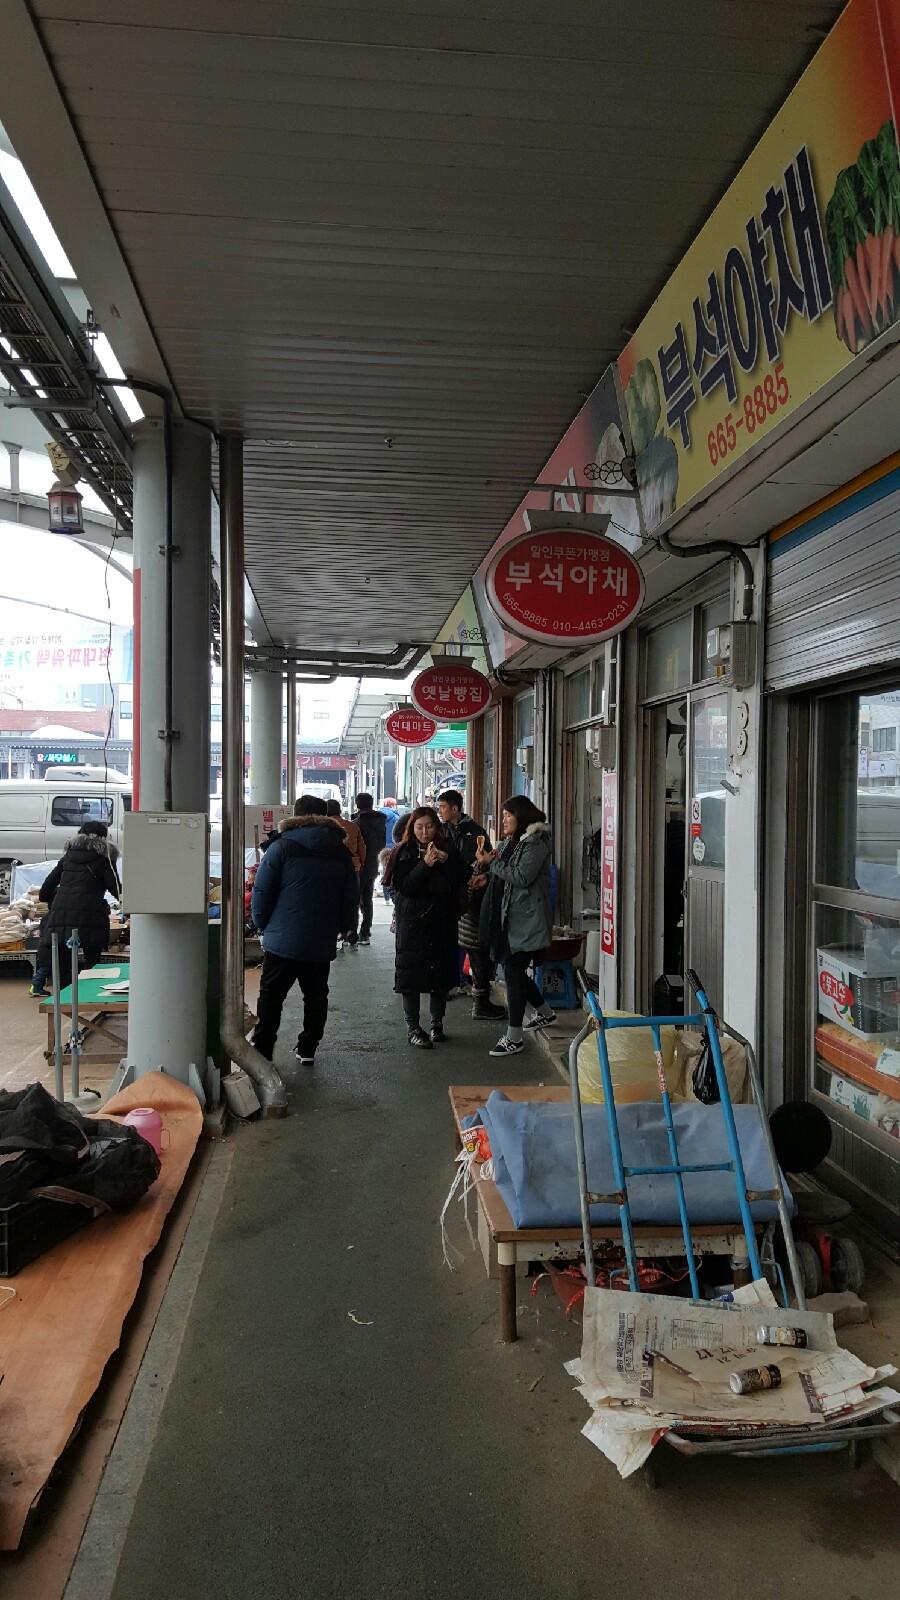 생활의달인 호떡대모, 서산동부시장 옛날빵집 호떡